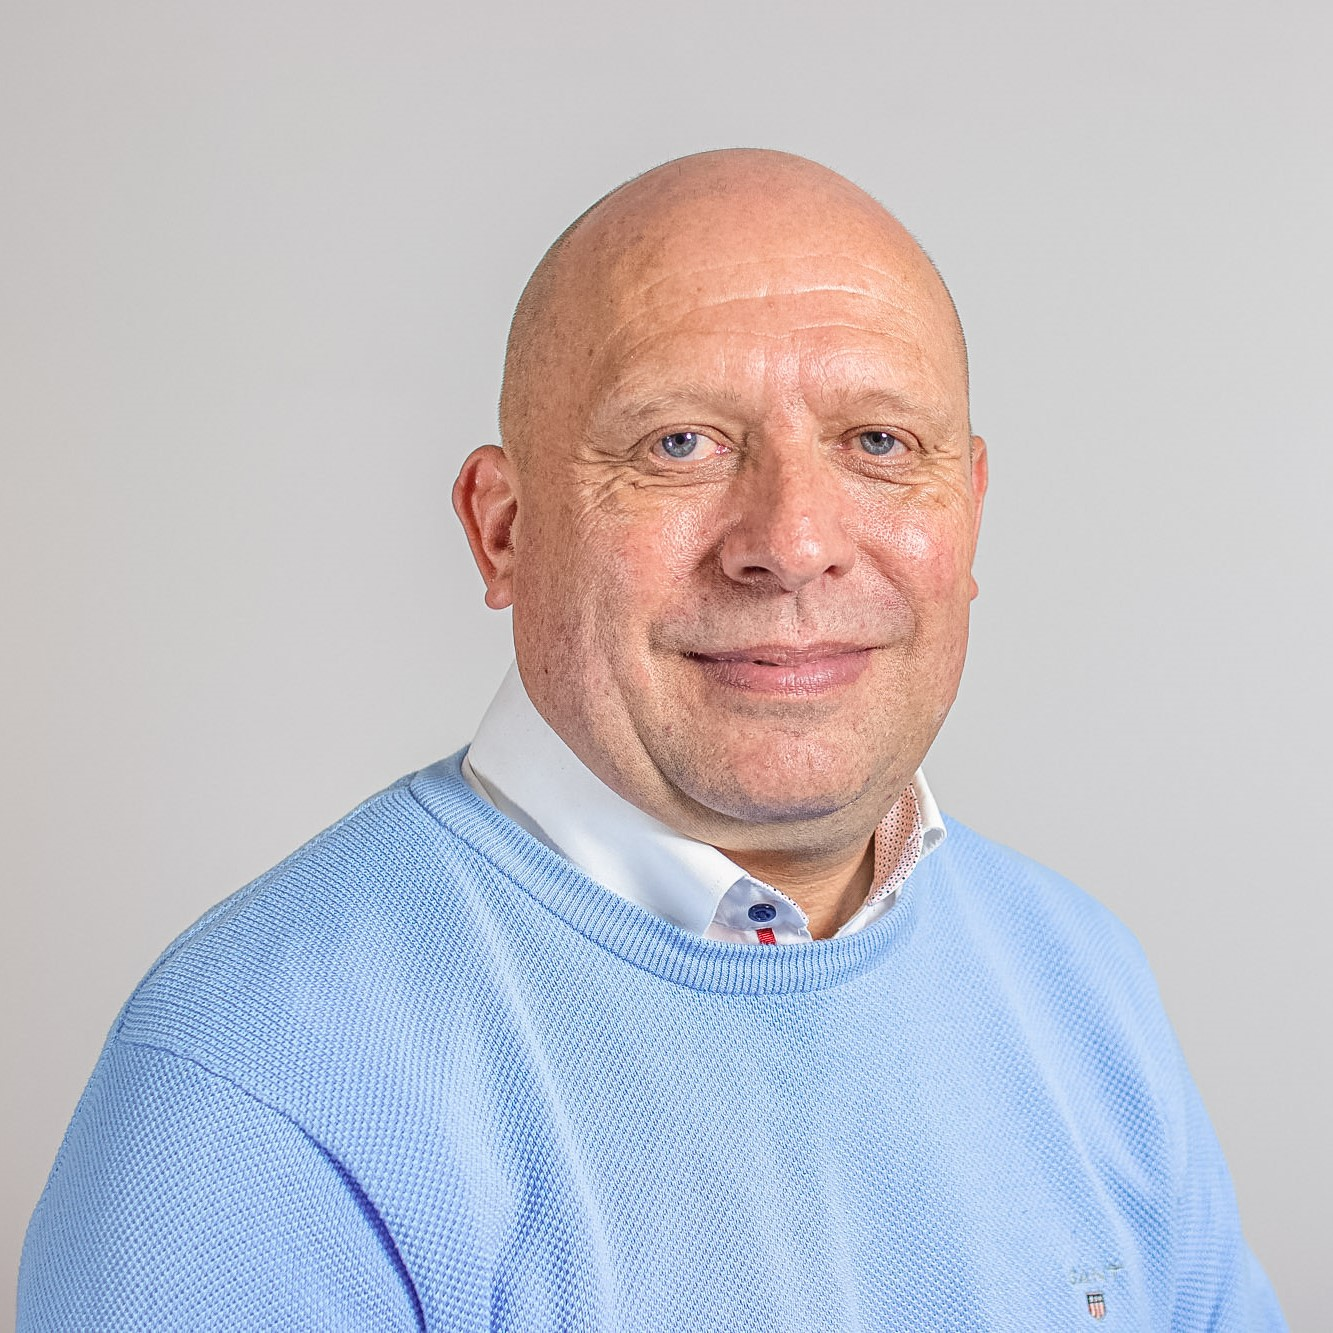 Henrik Akselbo